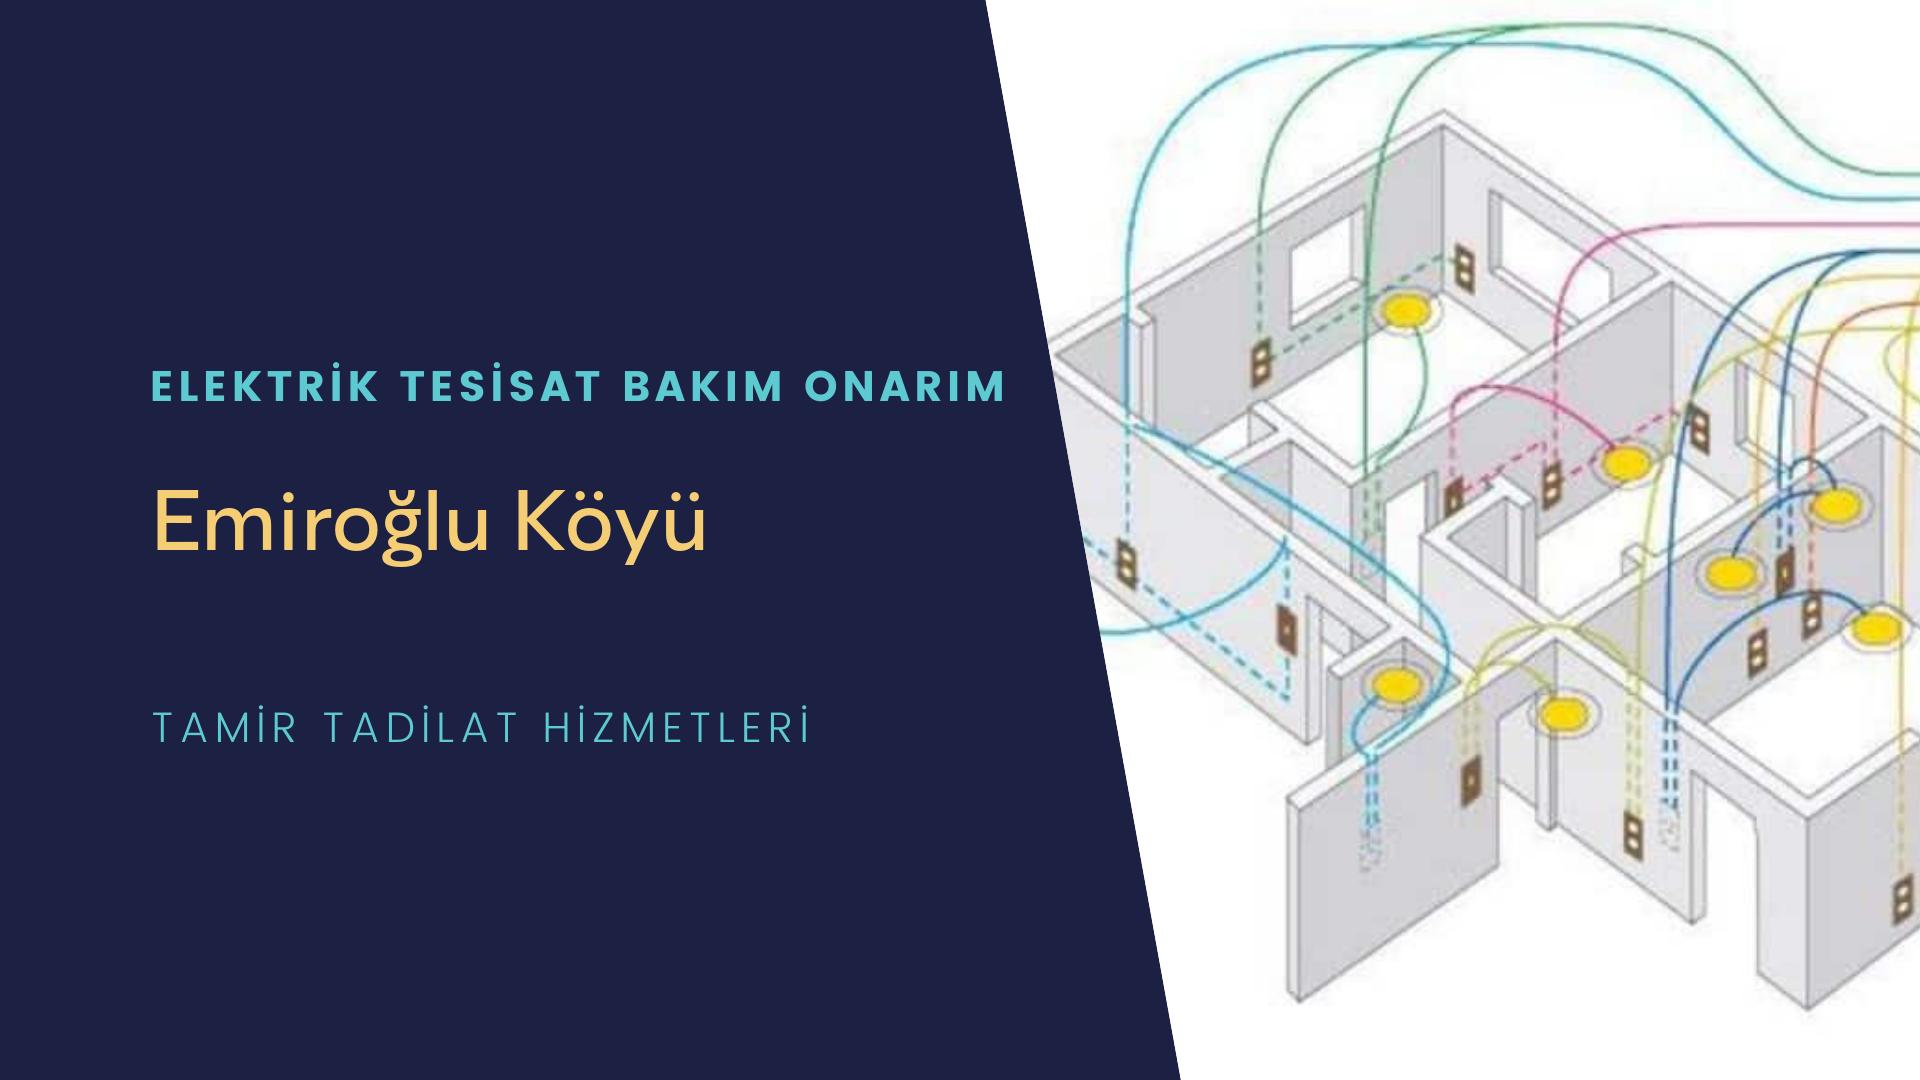 Emiroğlu Köyü  elektrik tesisatıustalarımı arıyorsunuz doğru adrestenizi Emiroğlu Köyü elektrik tesisatı ustalarımız 7/24 sizlere hizmet vermekten mutluluk duyar.